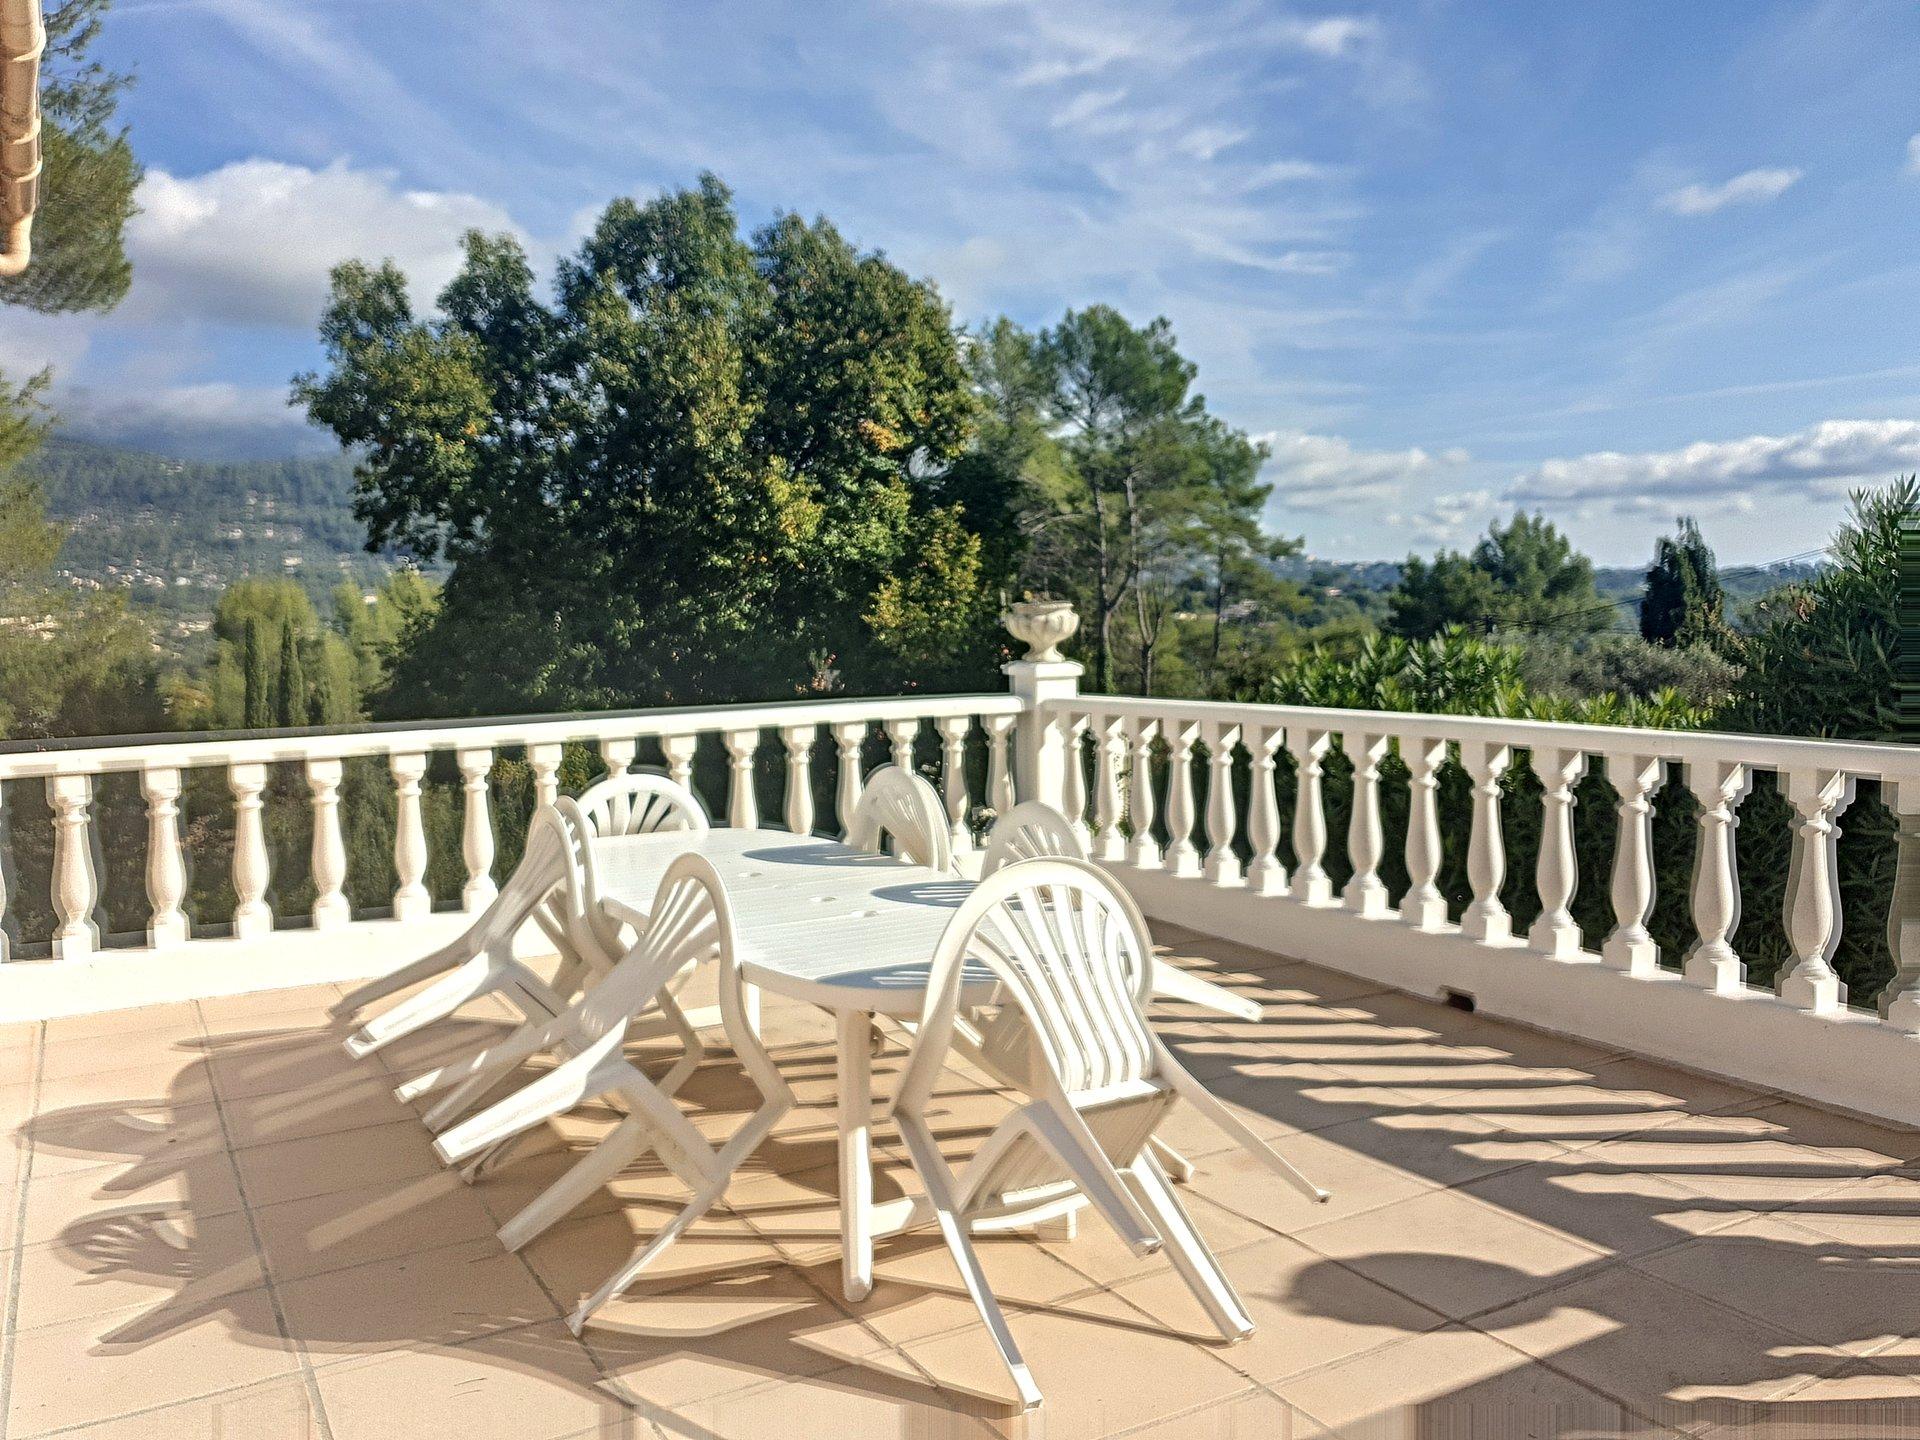 Vente villa 185m2, vue collines, au calme, Peymeinade